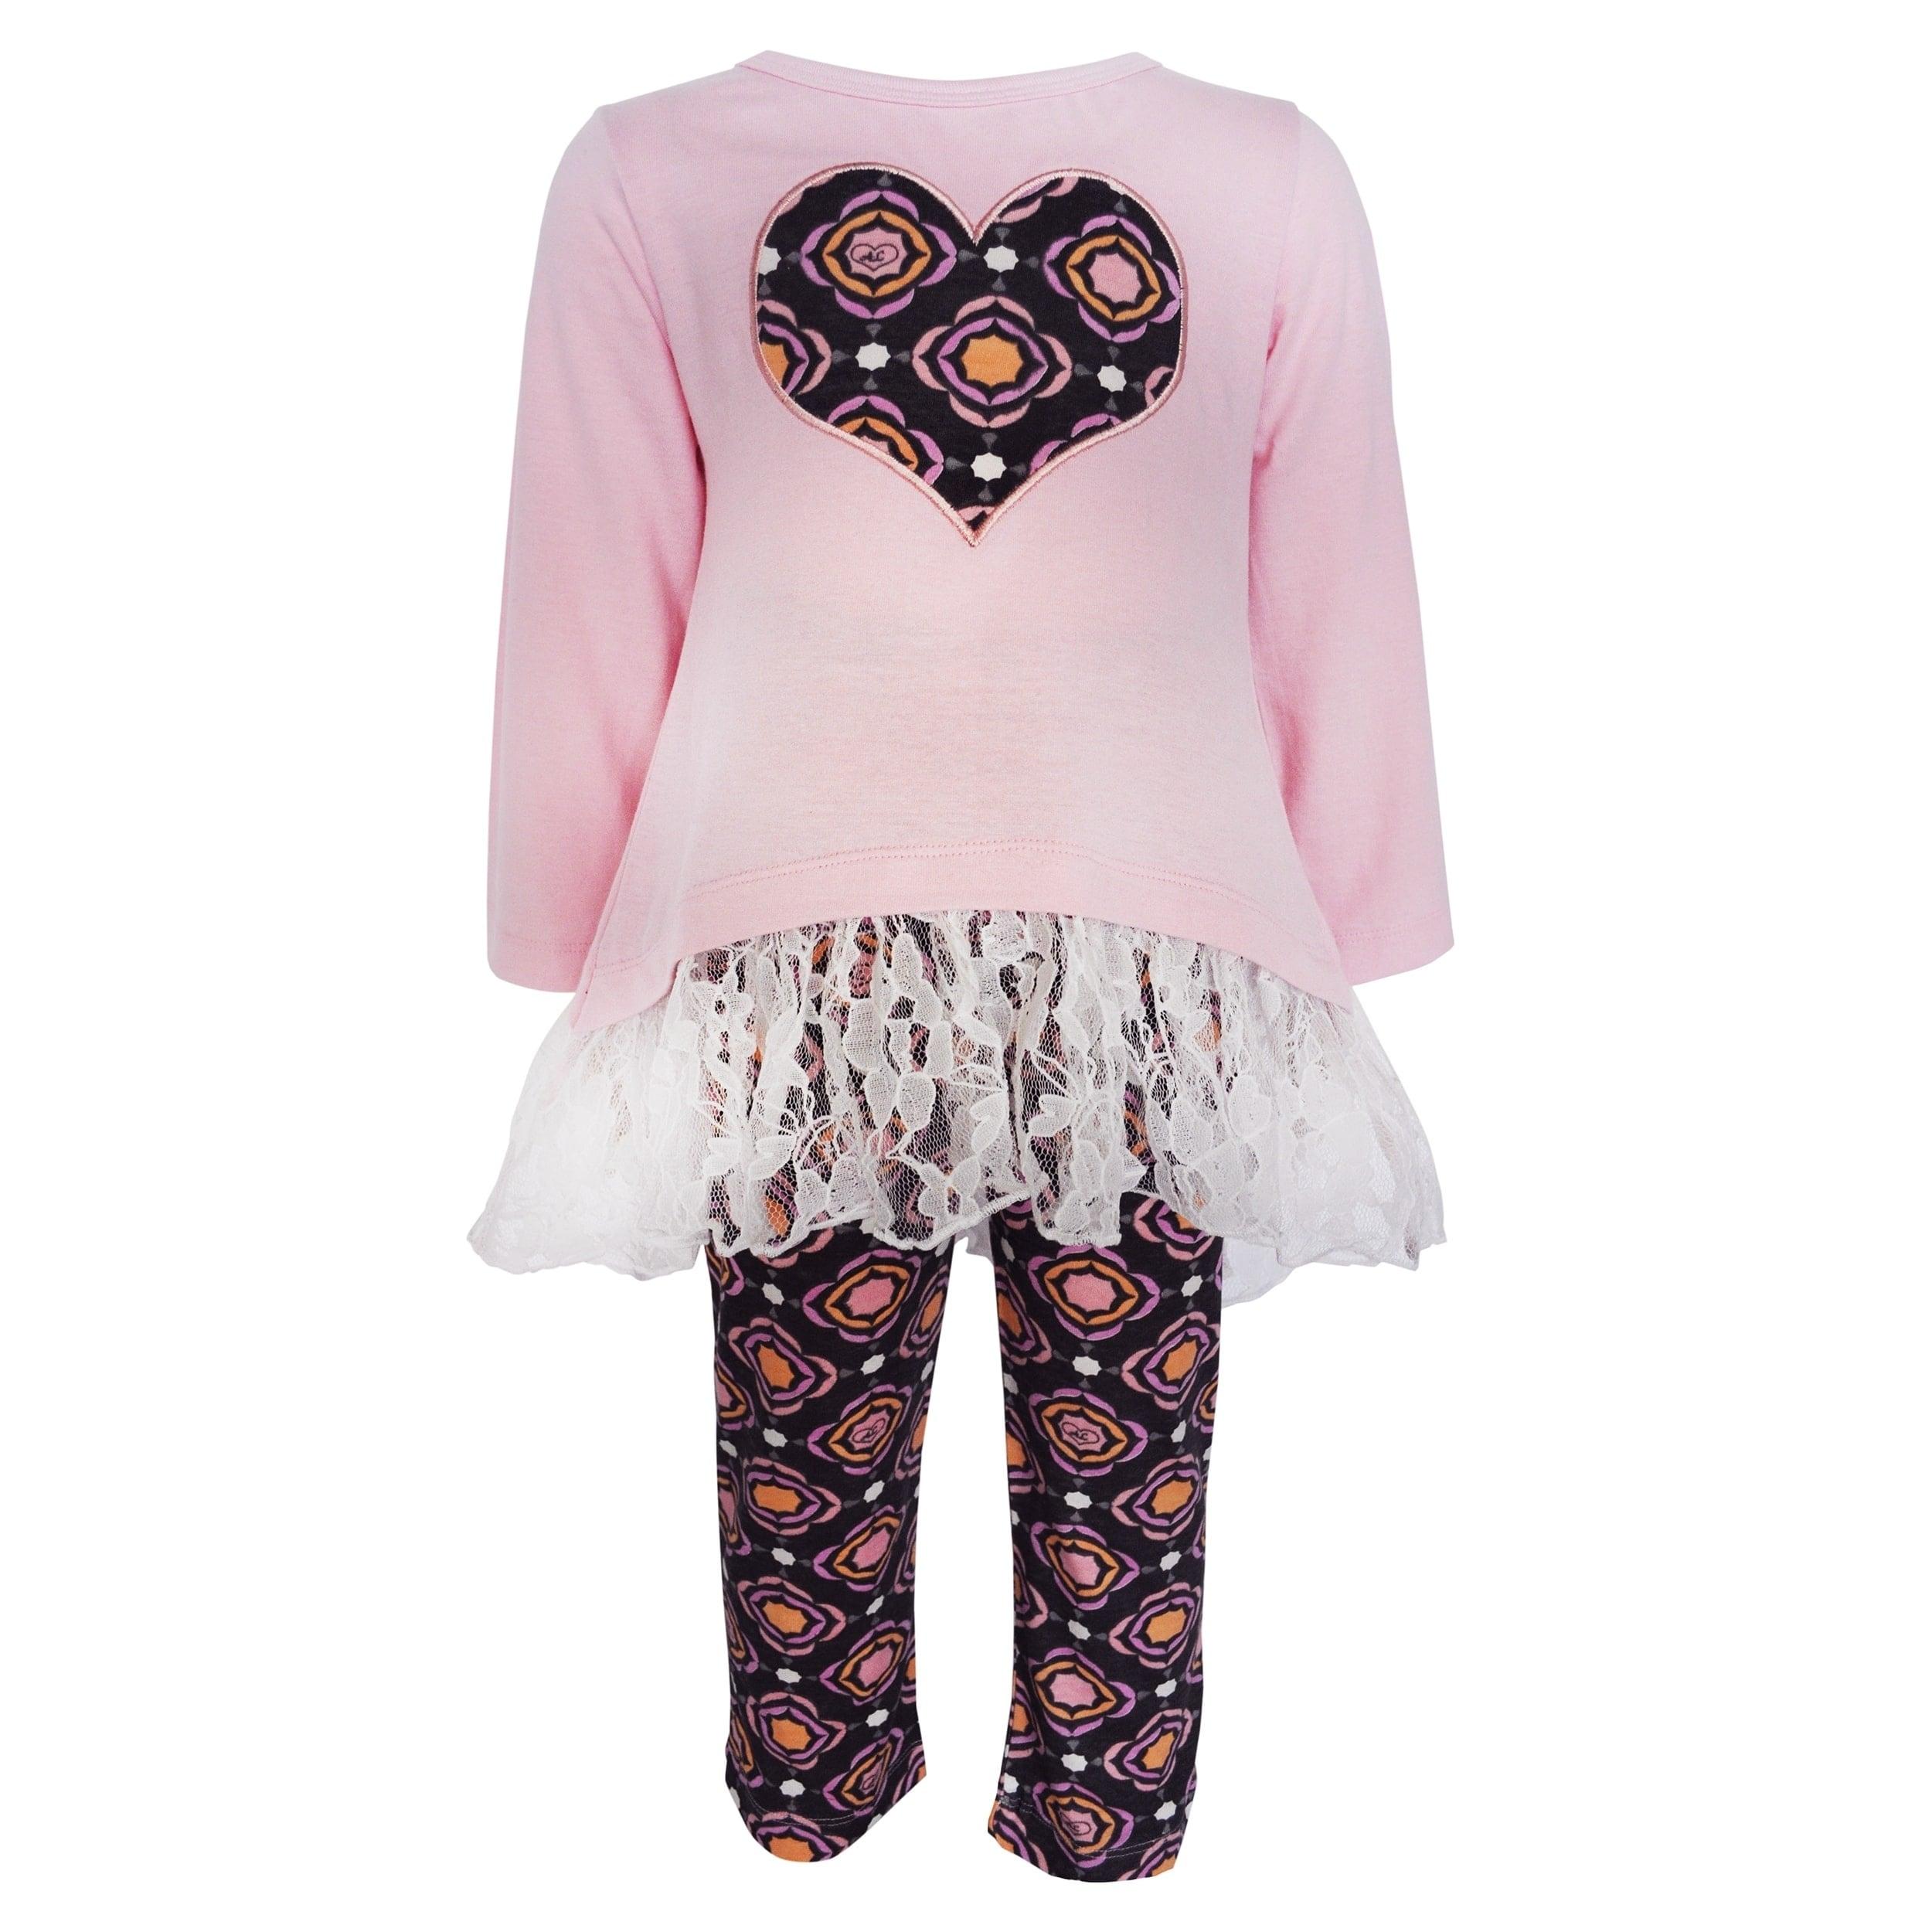 AnnLoren AnnLoren Girls Boutique Medallion Pink Cotton Tu...